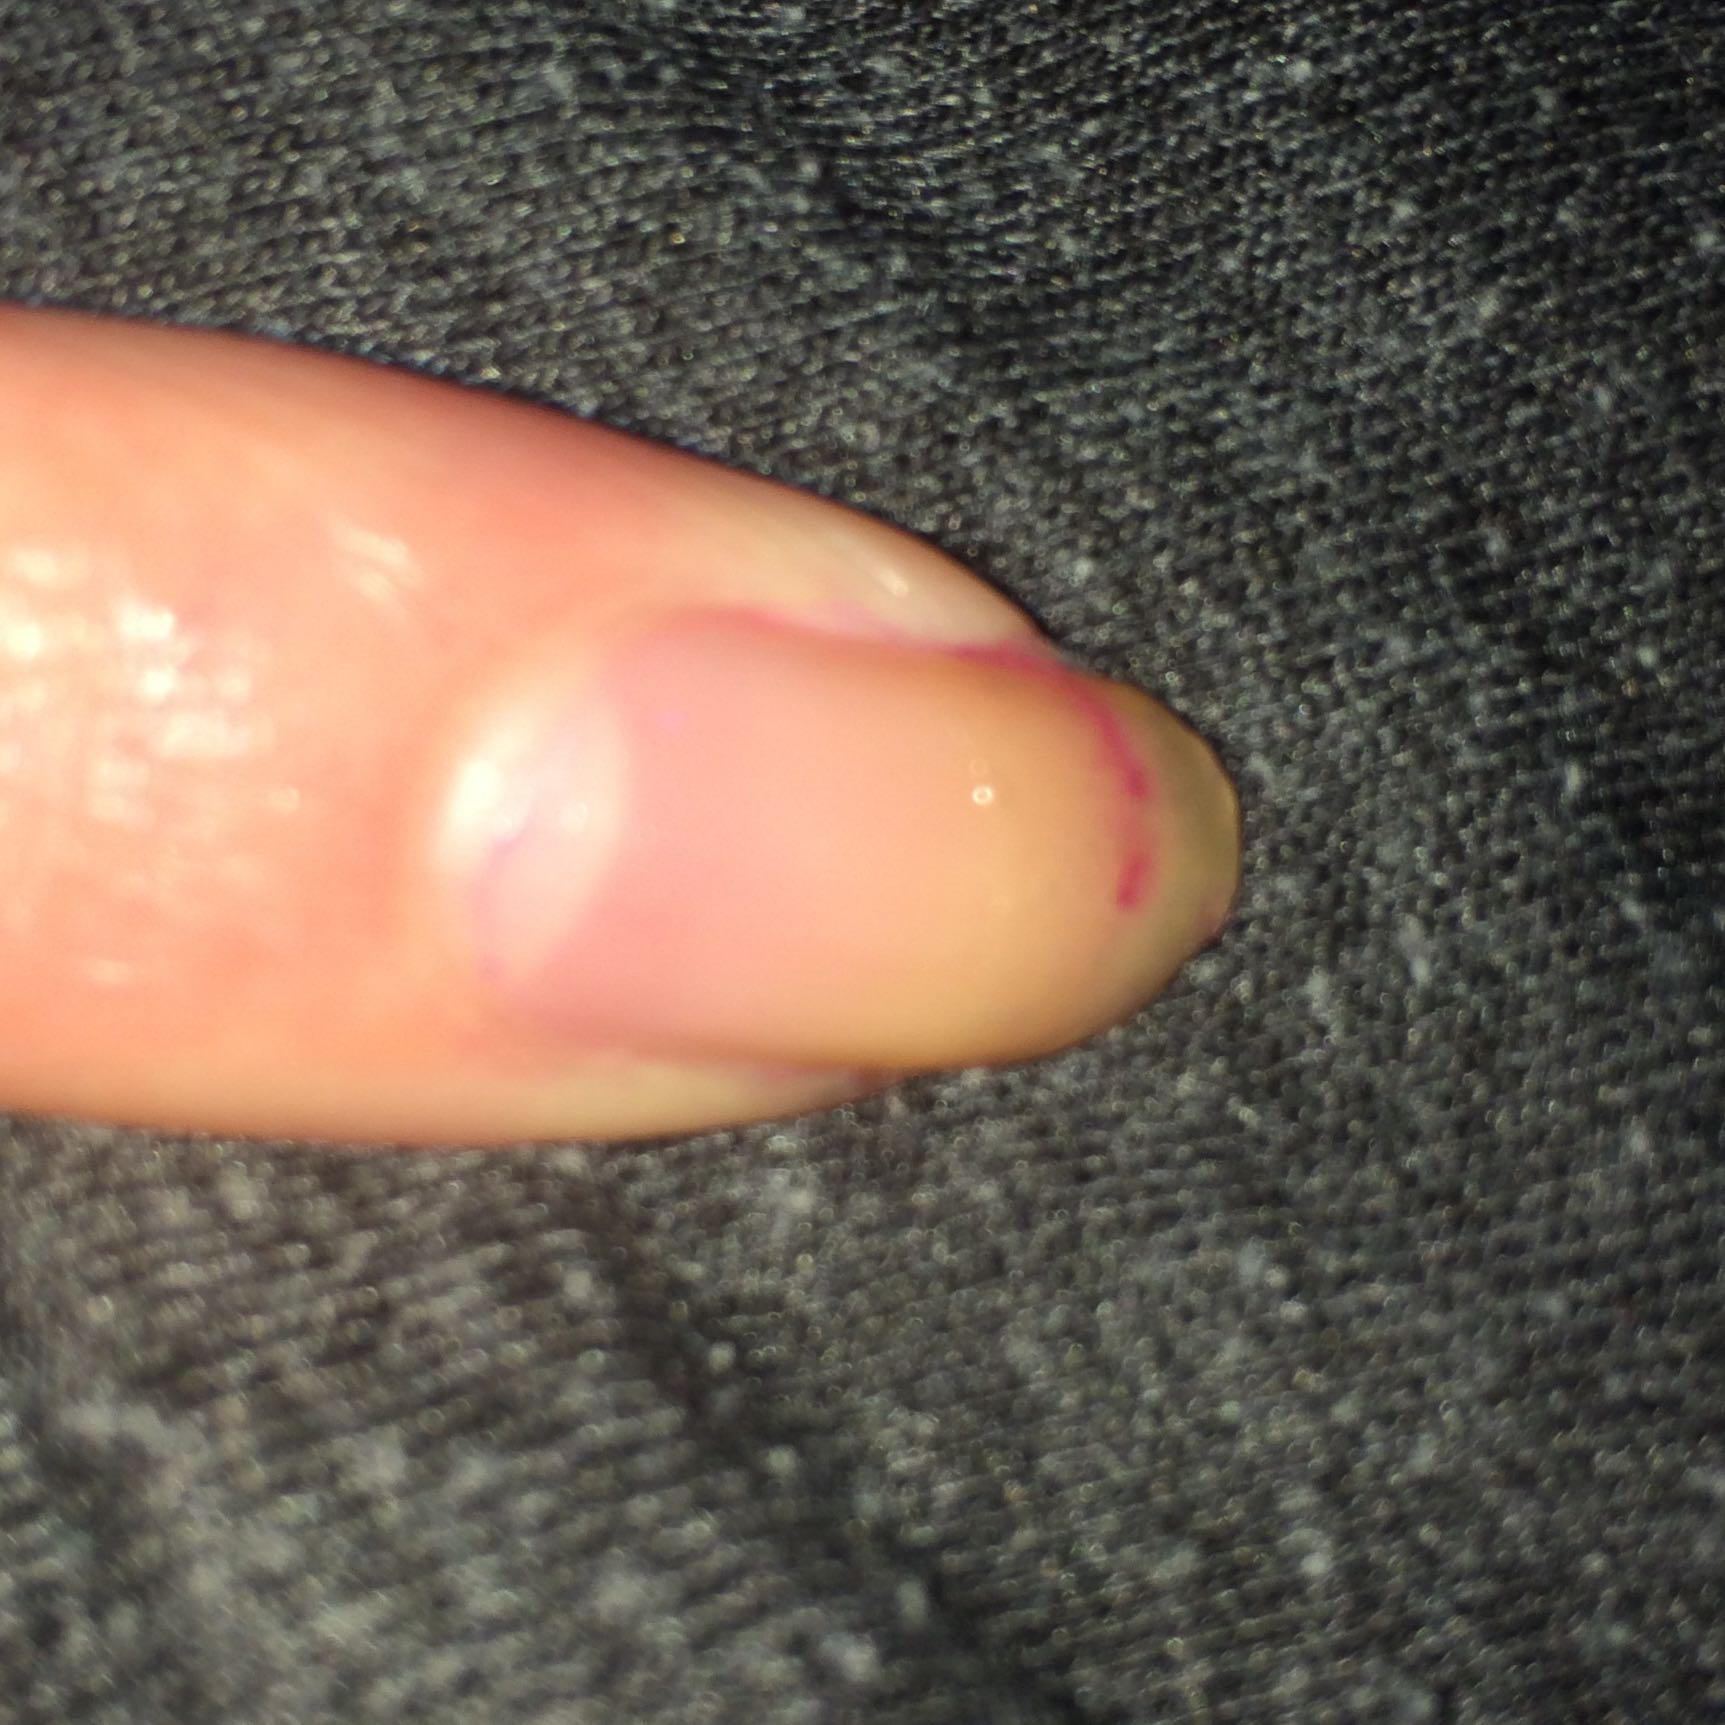 ist im abgebrochenem nagel nagellack schädlich? (nägel)